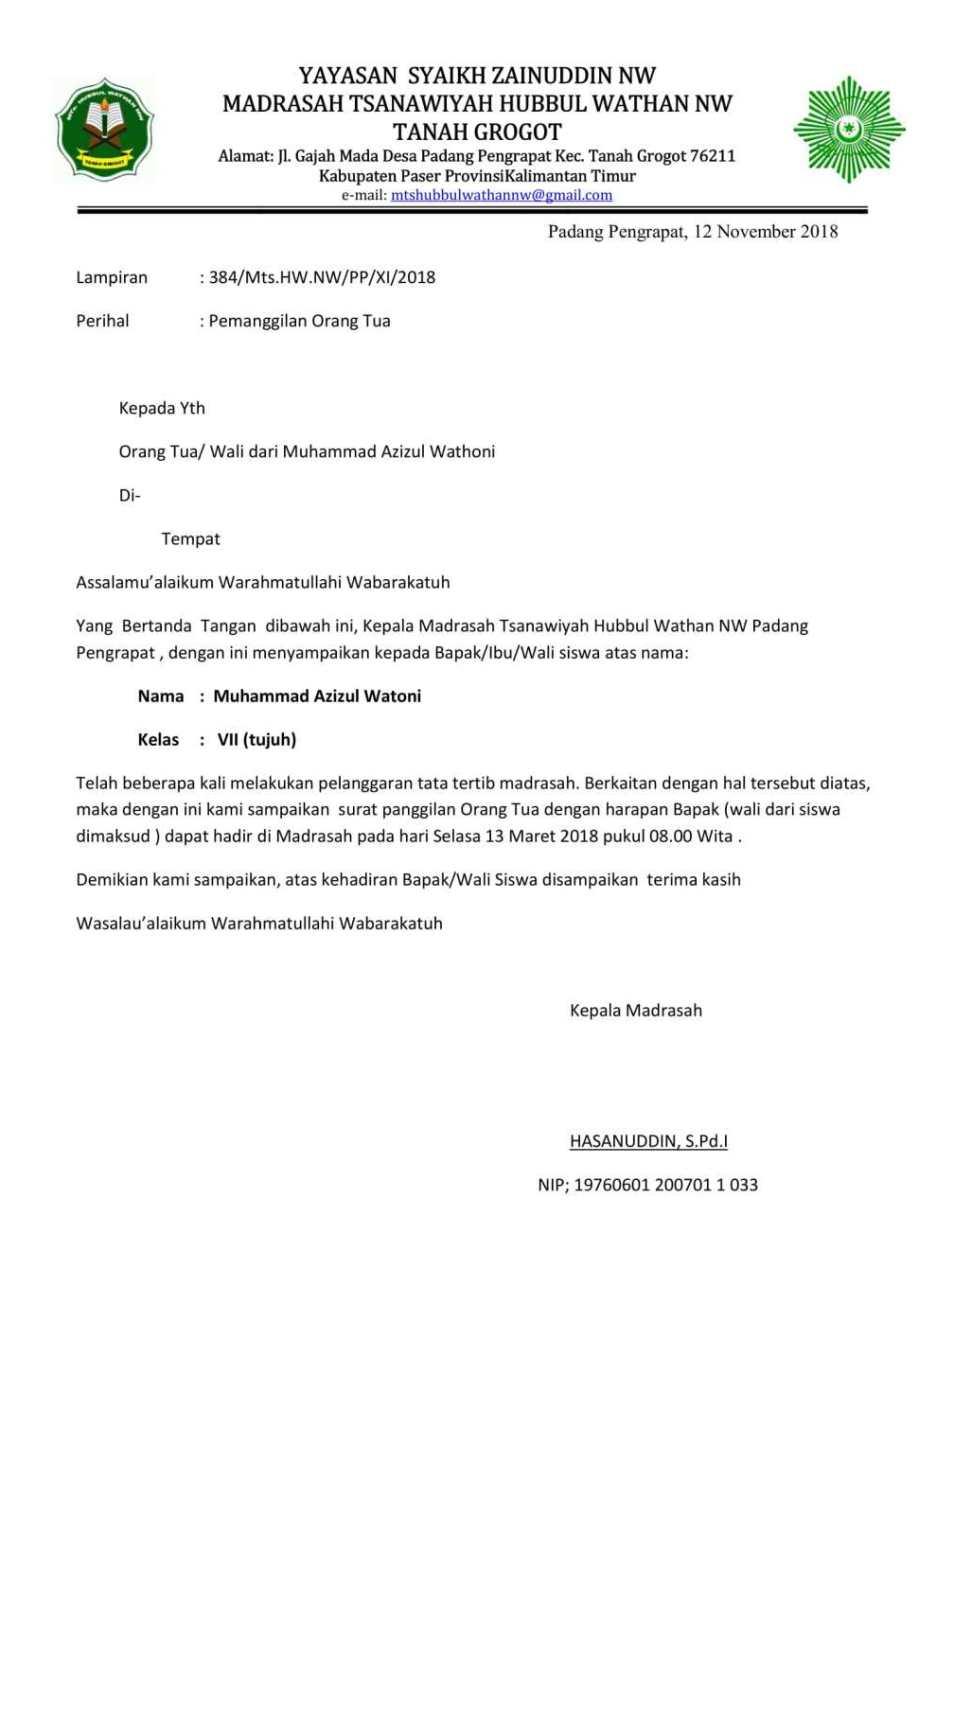 1. Contoh Surat Panggilan Orang Tua Dari Sekolah